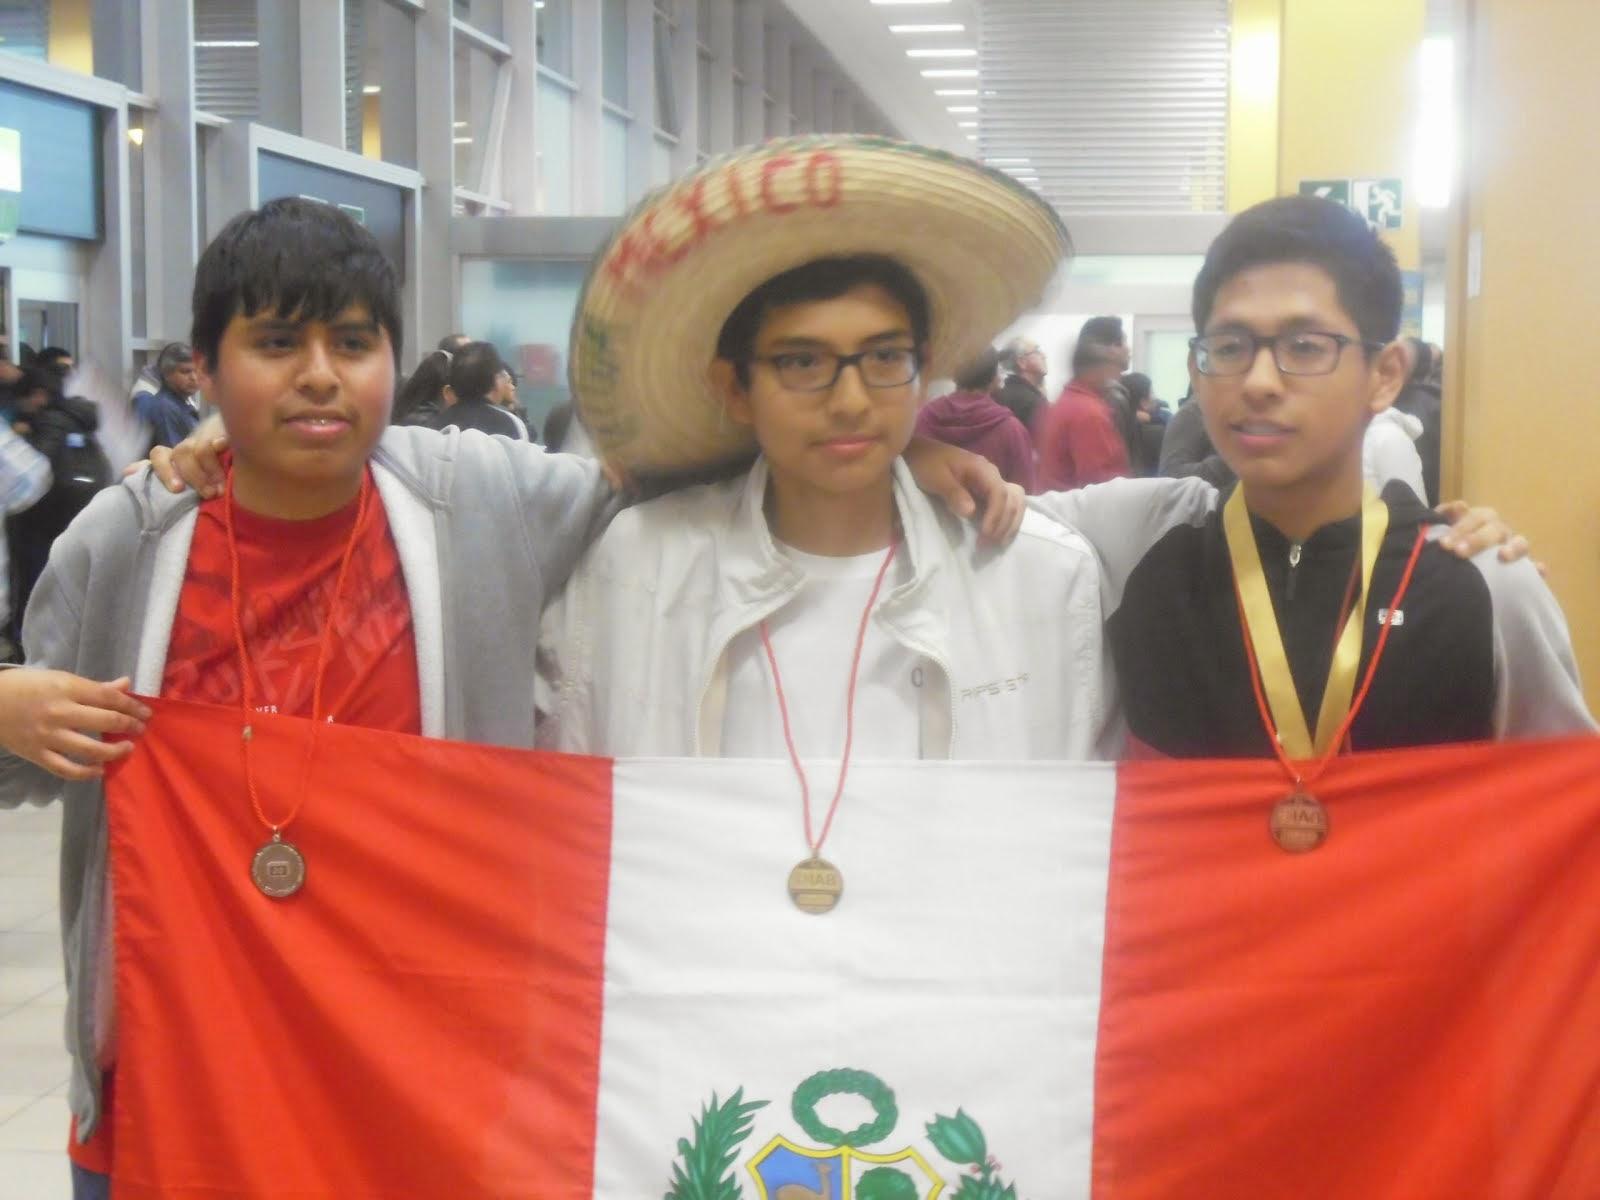 BICAMPEONES IBEROAMERICANOS DE BIOLOGIA EN LA OCTAVA OIAB MEXICO 2014